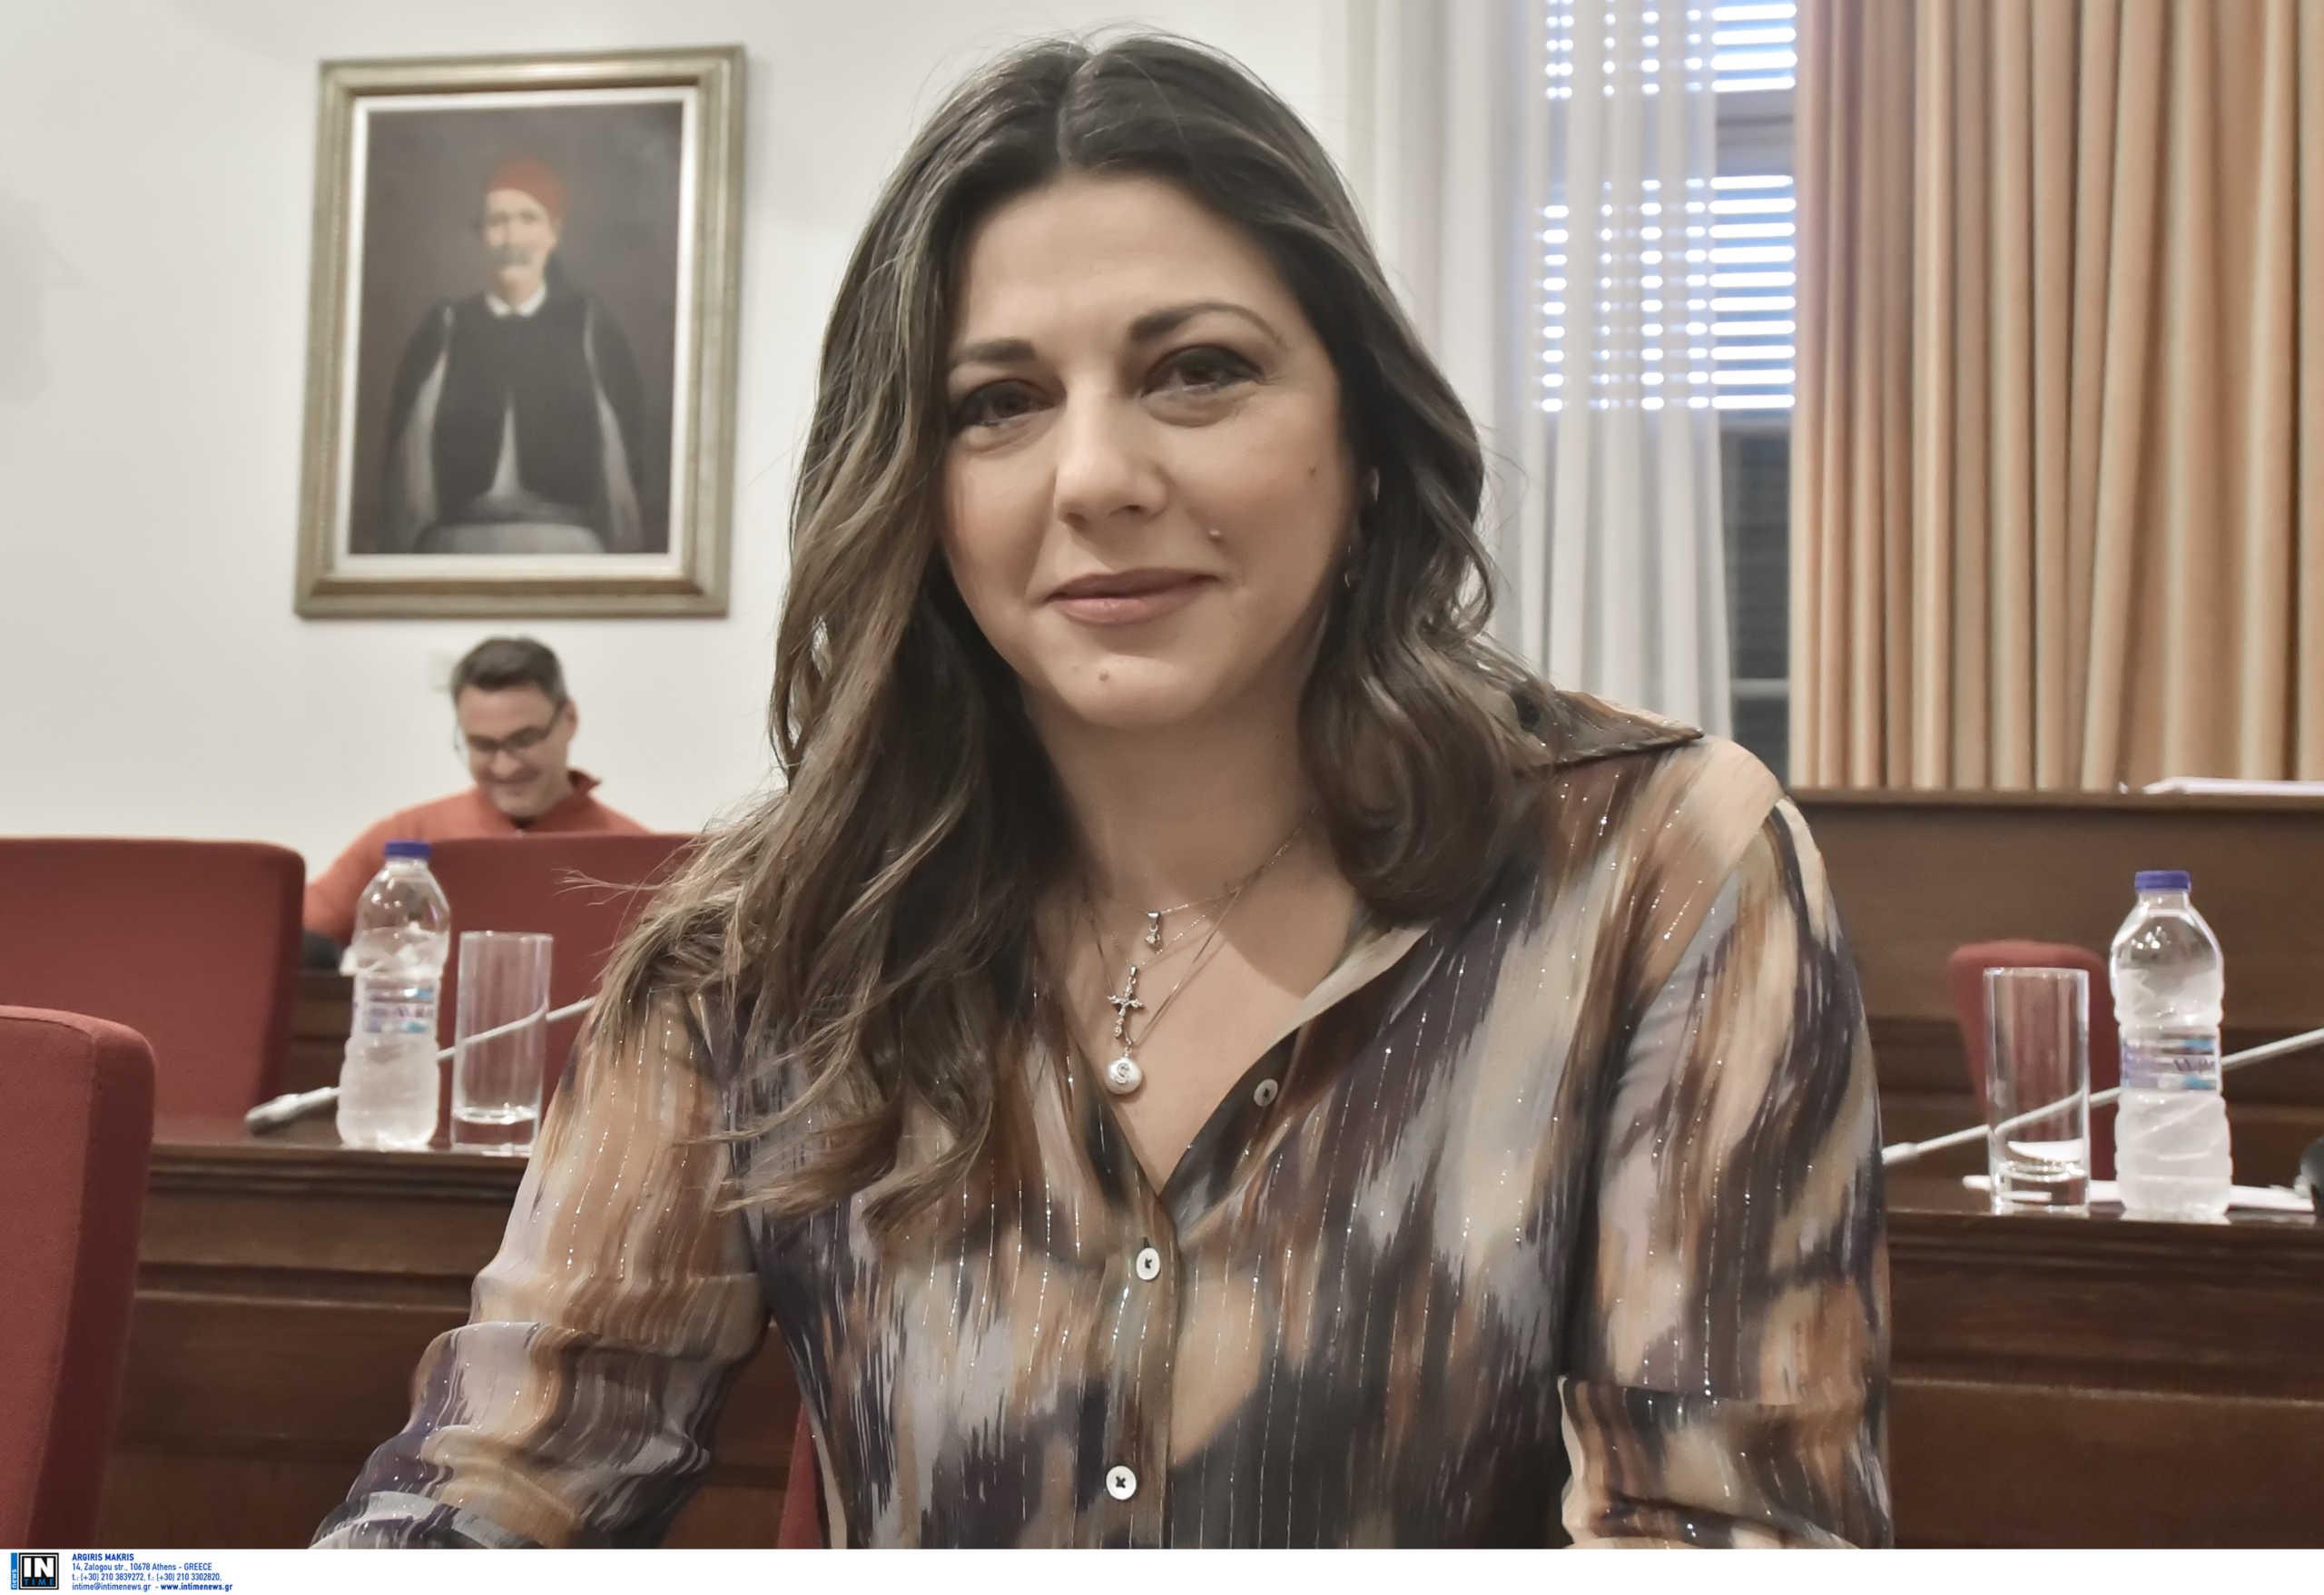 Ζαχαράκη: «Στις 14 Μαΐου ανοίγει ο τουρισμός στην Ελλάδα» – Οι προϋποθέσεις για την είσοδο στη χώρα